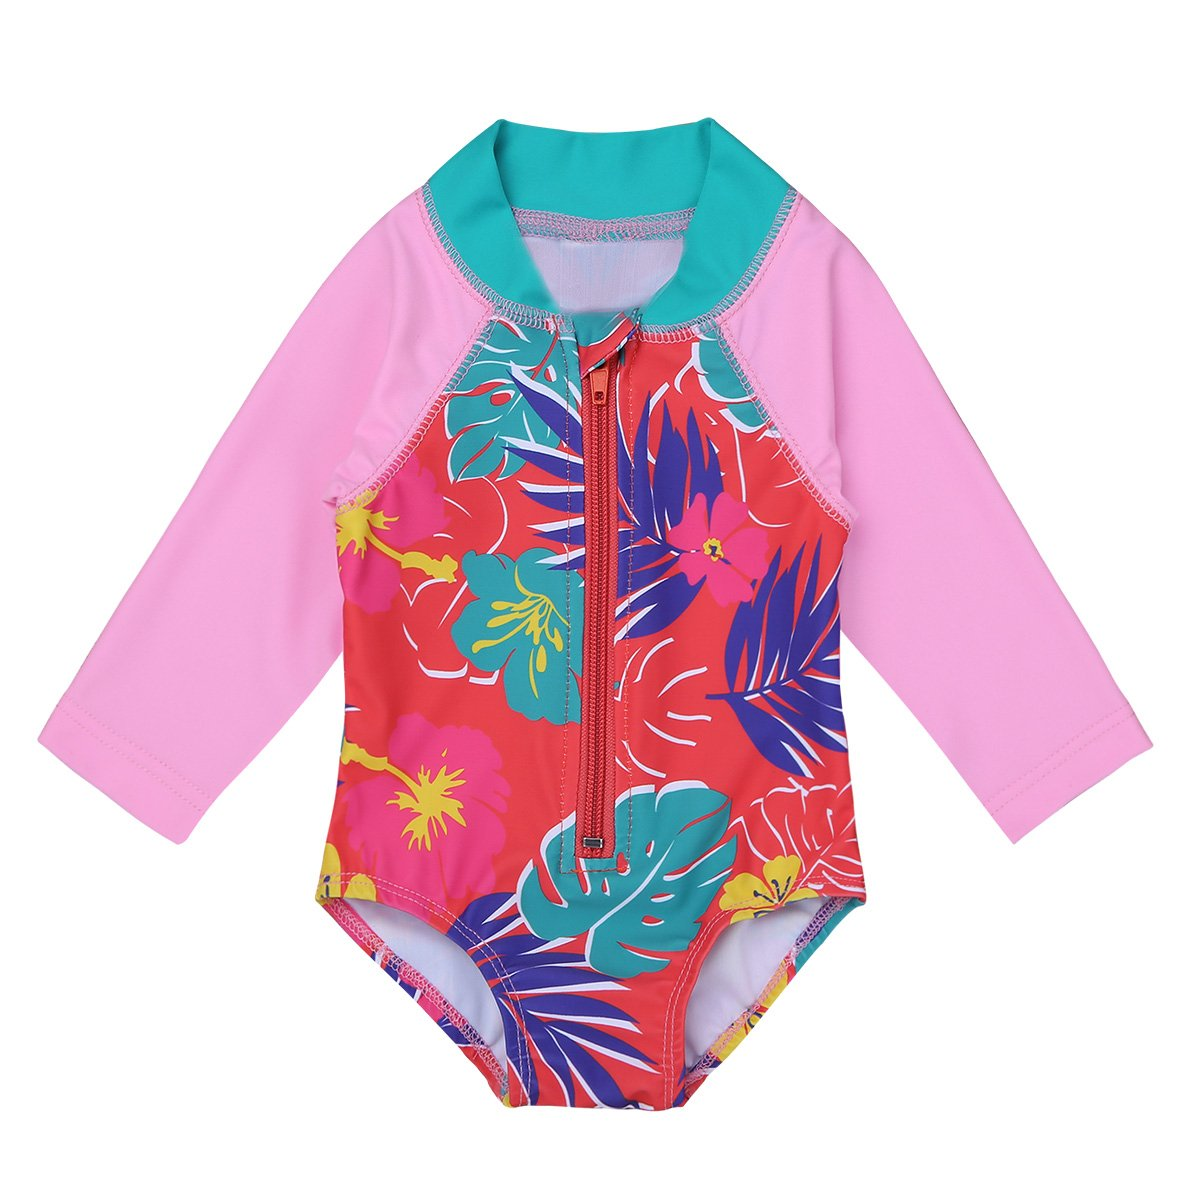 YiZYiF Baby/Toddler Girls' Flower Rash Guard Swimsuit Sun Protection Bodysuit Swimwear